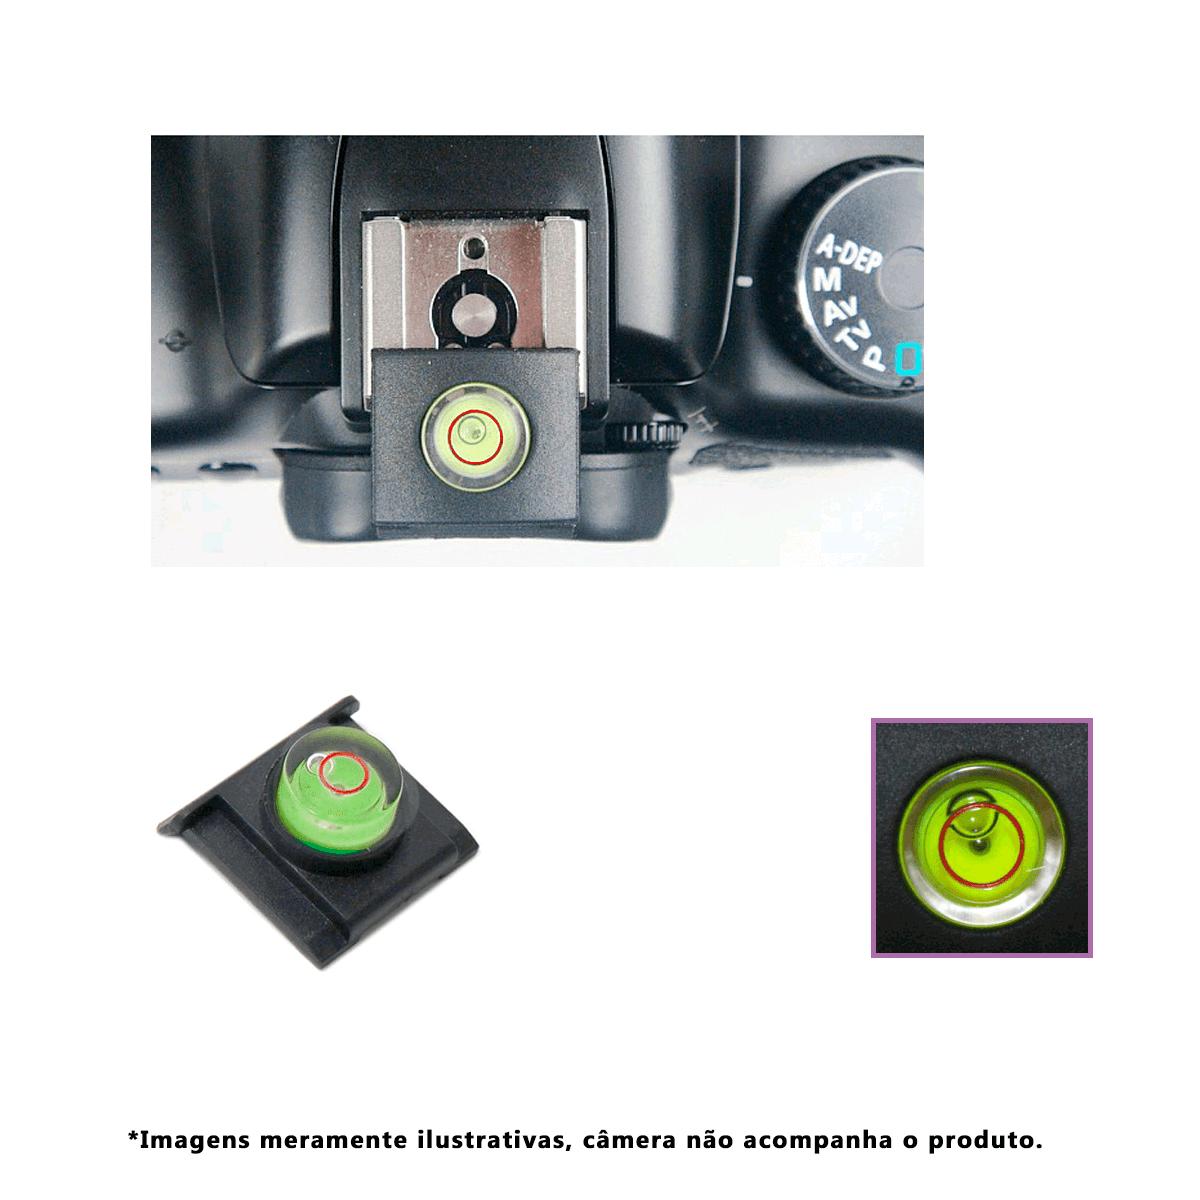 Nível Bolha Greika SL3 para Câmera Nikon  - Fotolux